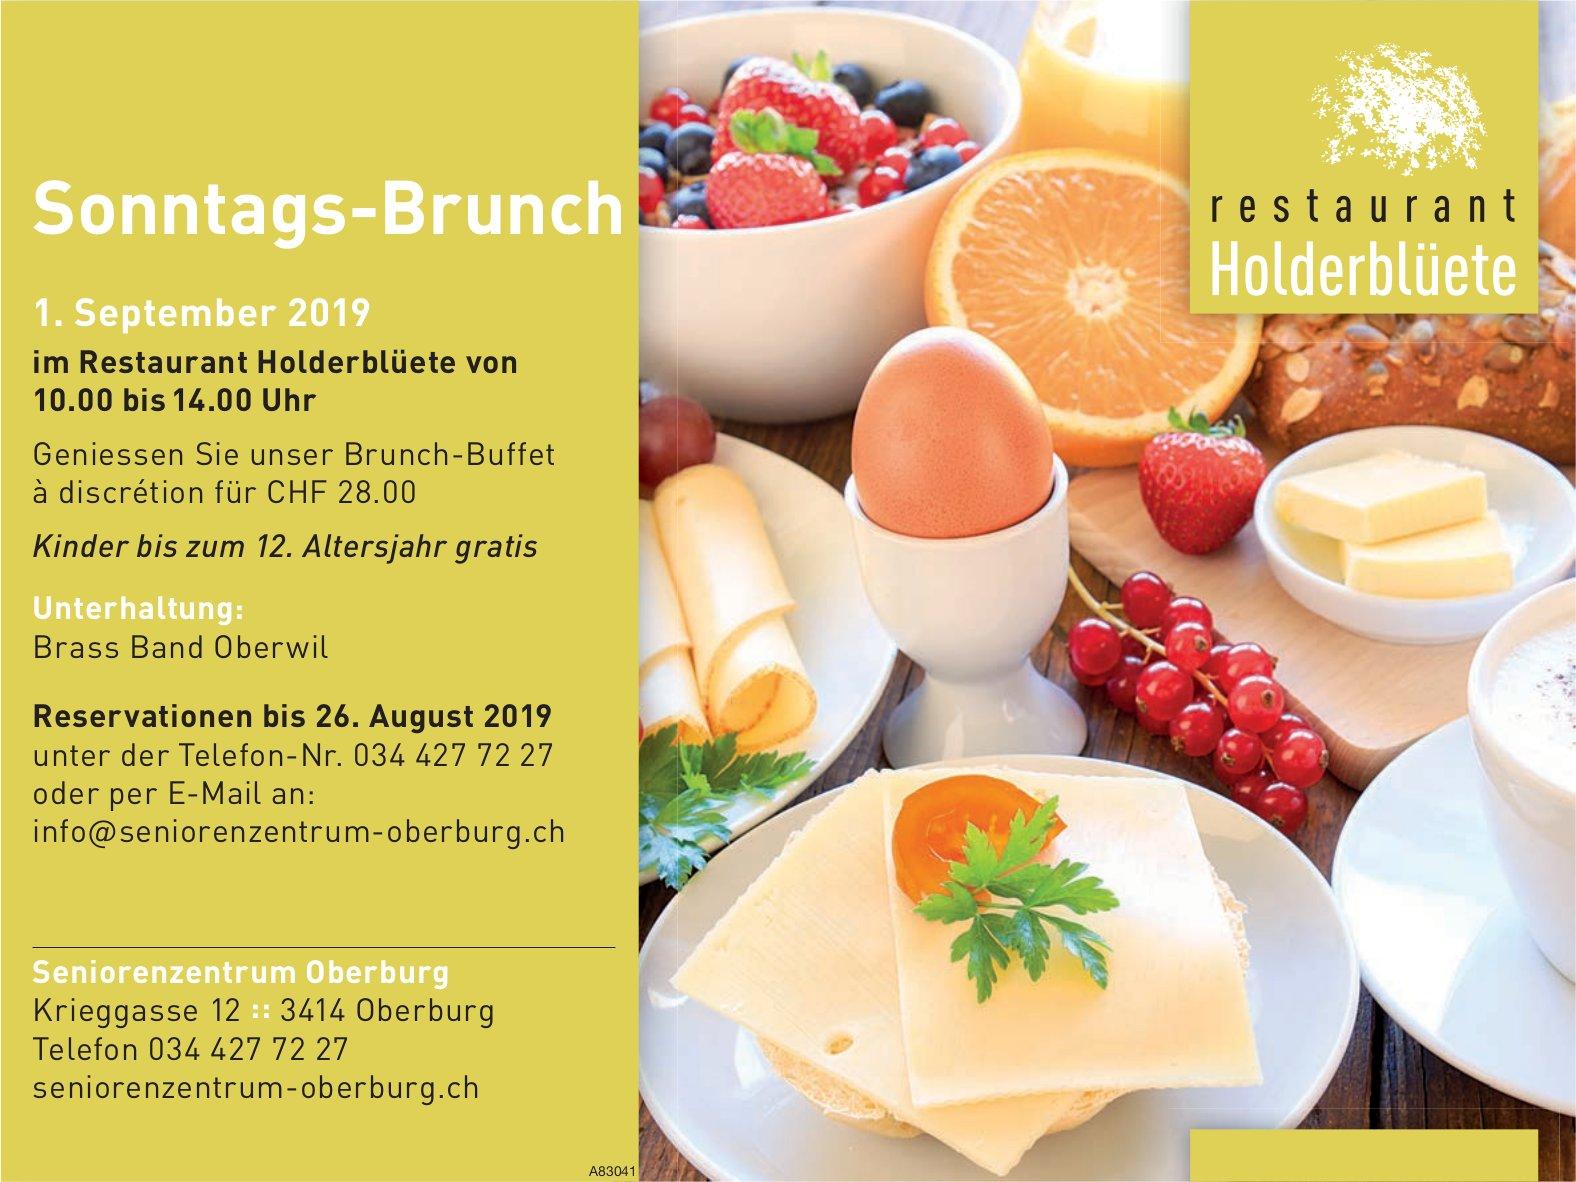 Seniorenzentrum Oberburg - Sonntags-Brunch im Restaurant Holderblüete am 1. September